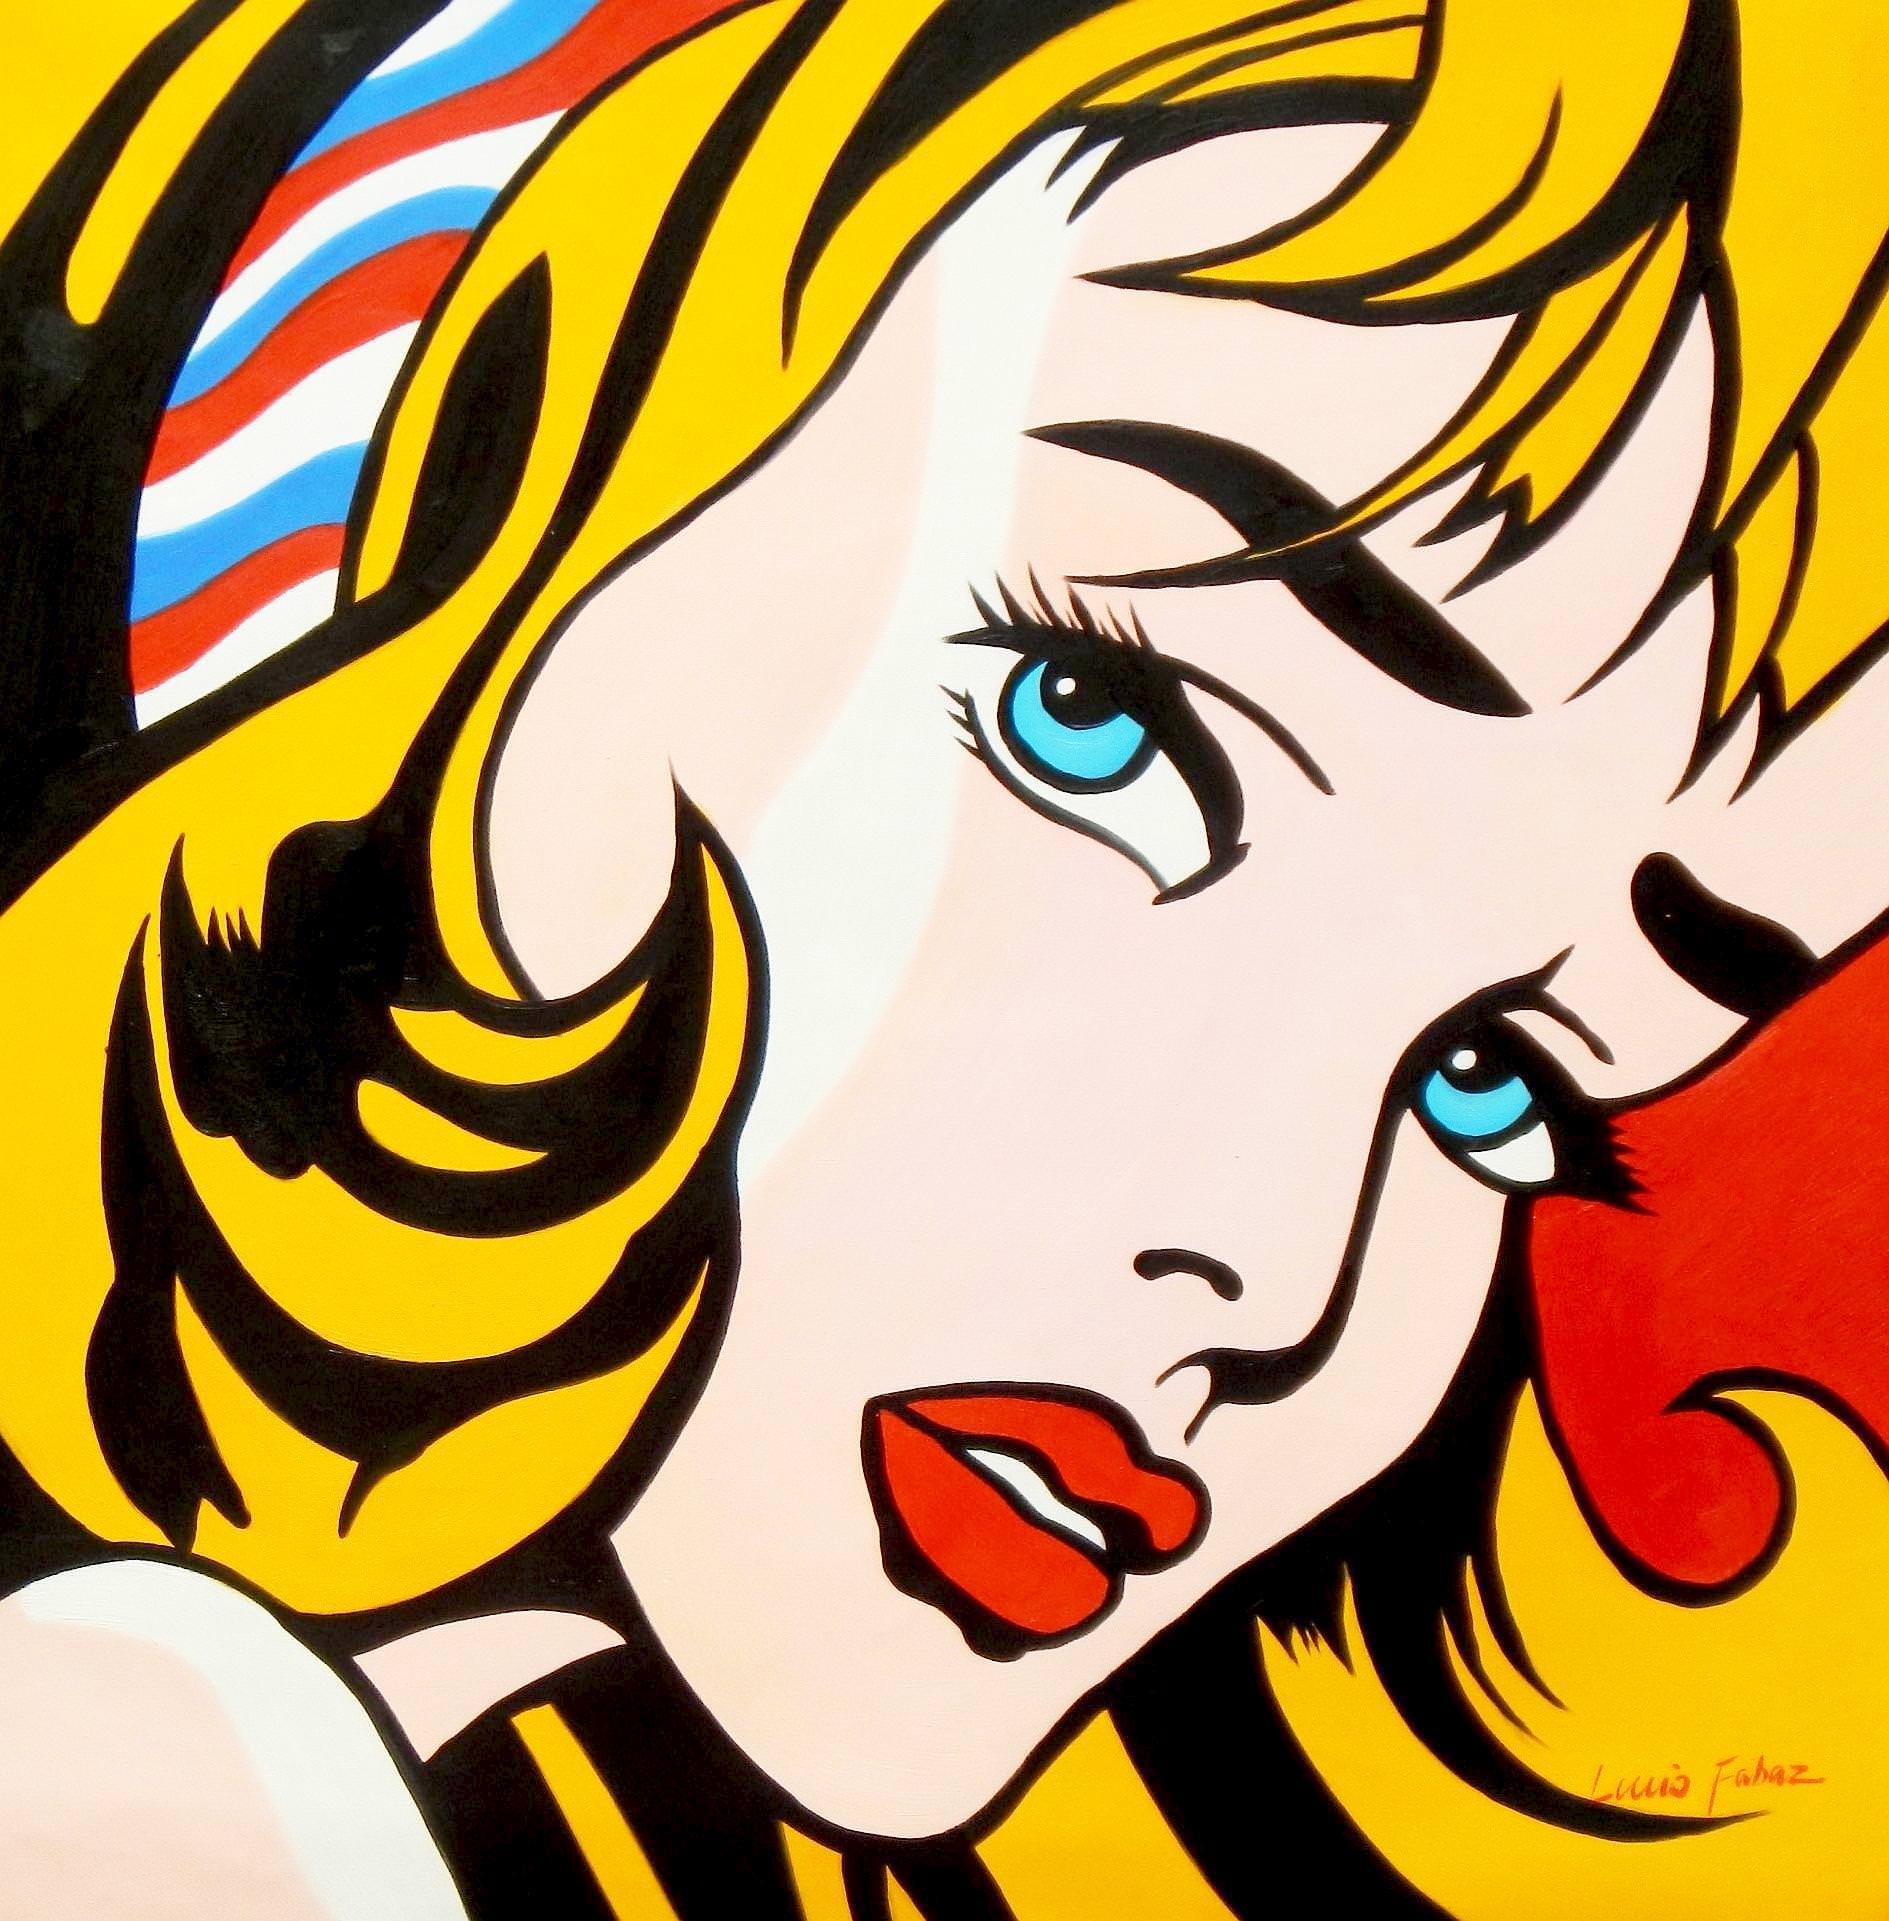 Homage to Roy Lichtenstein - Mädchen mit Haarband g93485 80x80cm Ölbild handgemalt